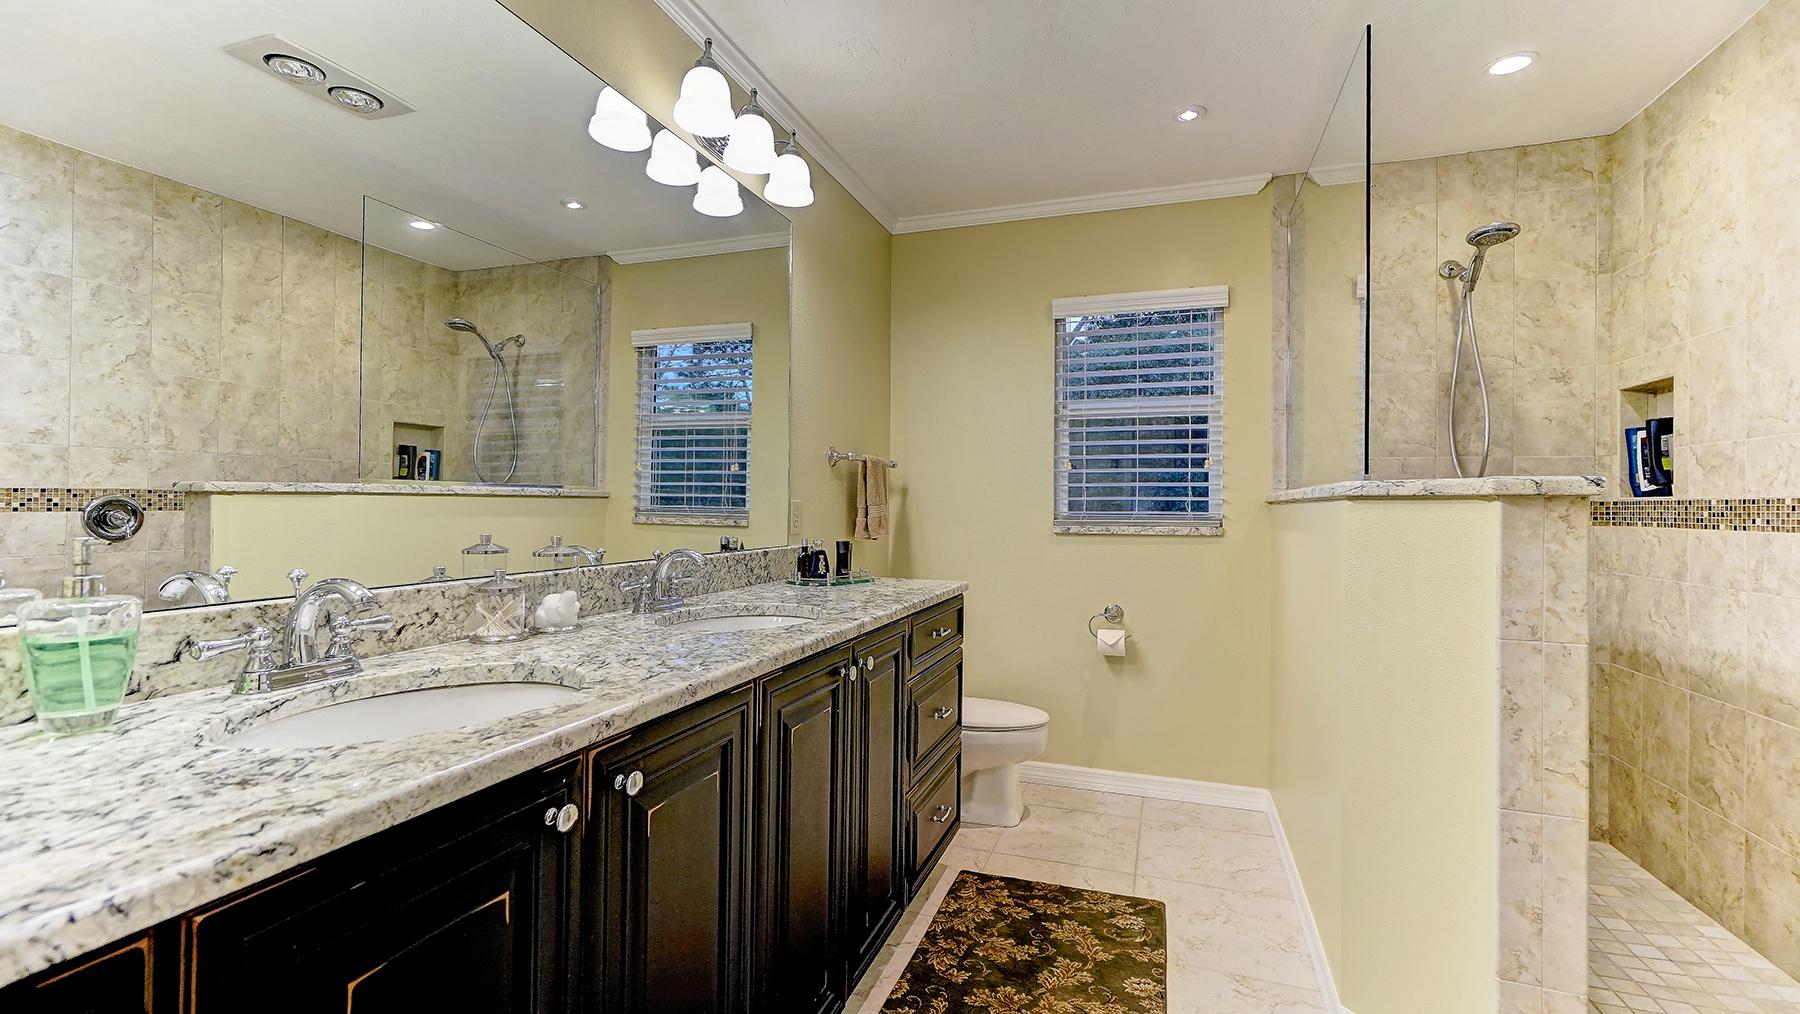 独户住宅 为 销售 在 GATOR CREEK 6701 S Gator Creek Blvd 萨拉索塔, 佛罗里达州, 34241 美国